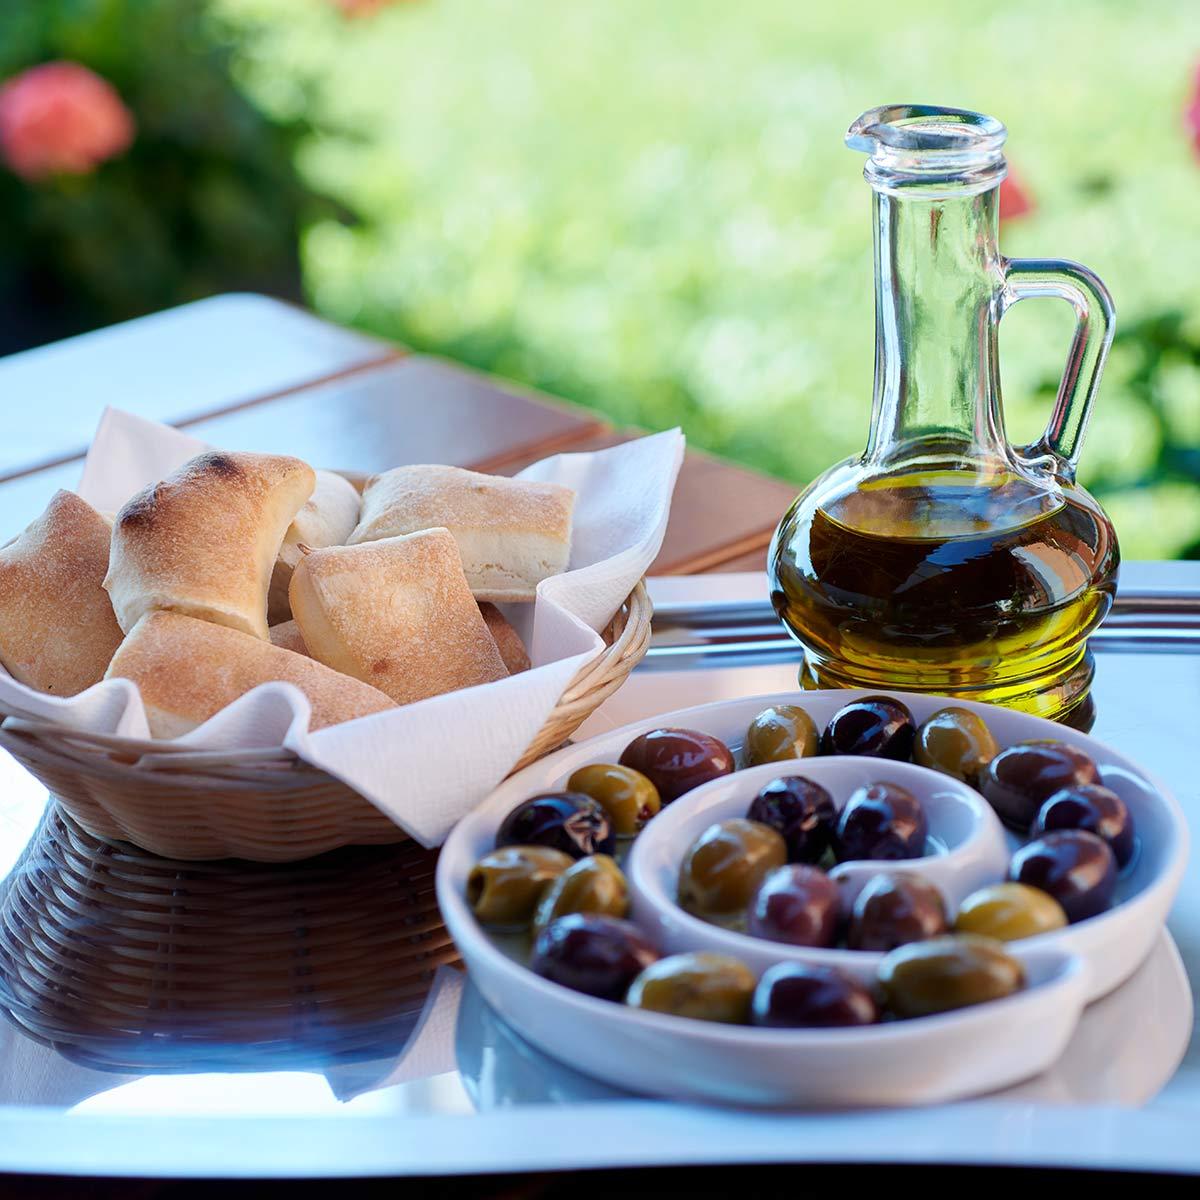 Oliven dürfen nicht fehlen